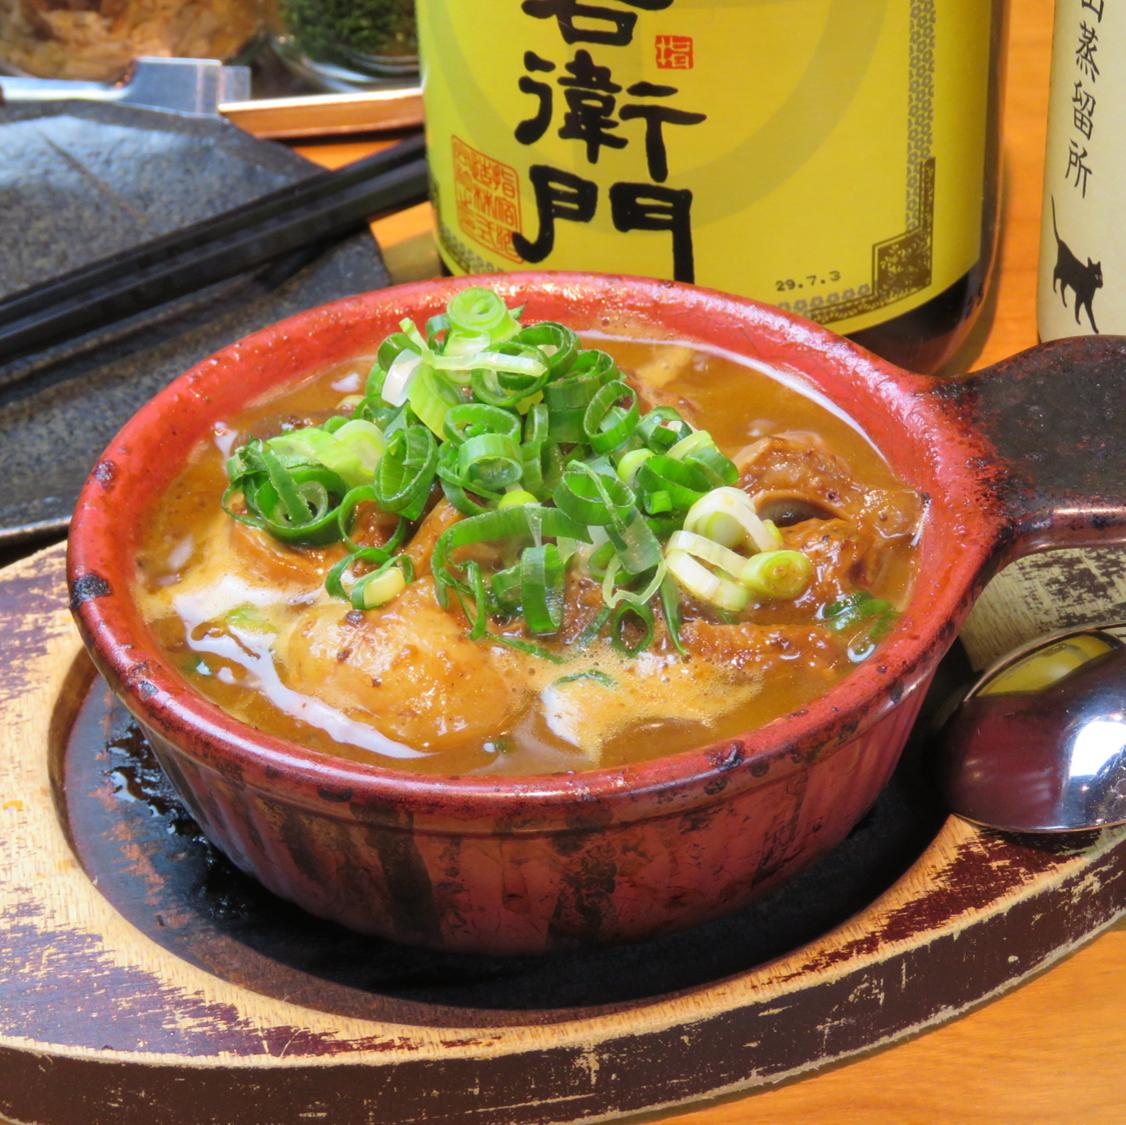 國內牛motomisu味噌燉紅燒牛肉紅燒ponkui農民/絲綢在Koshigaya